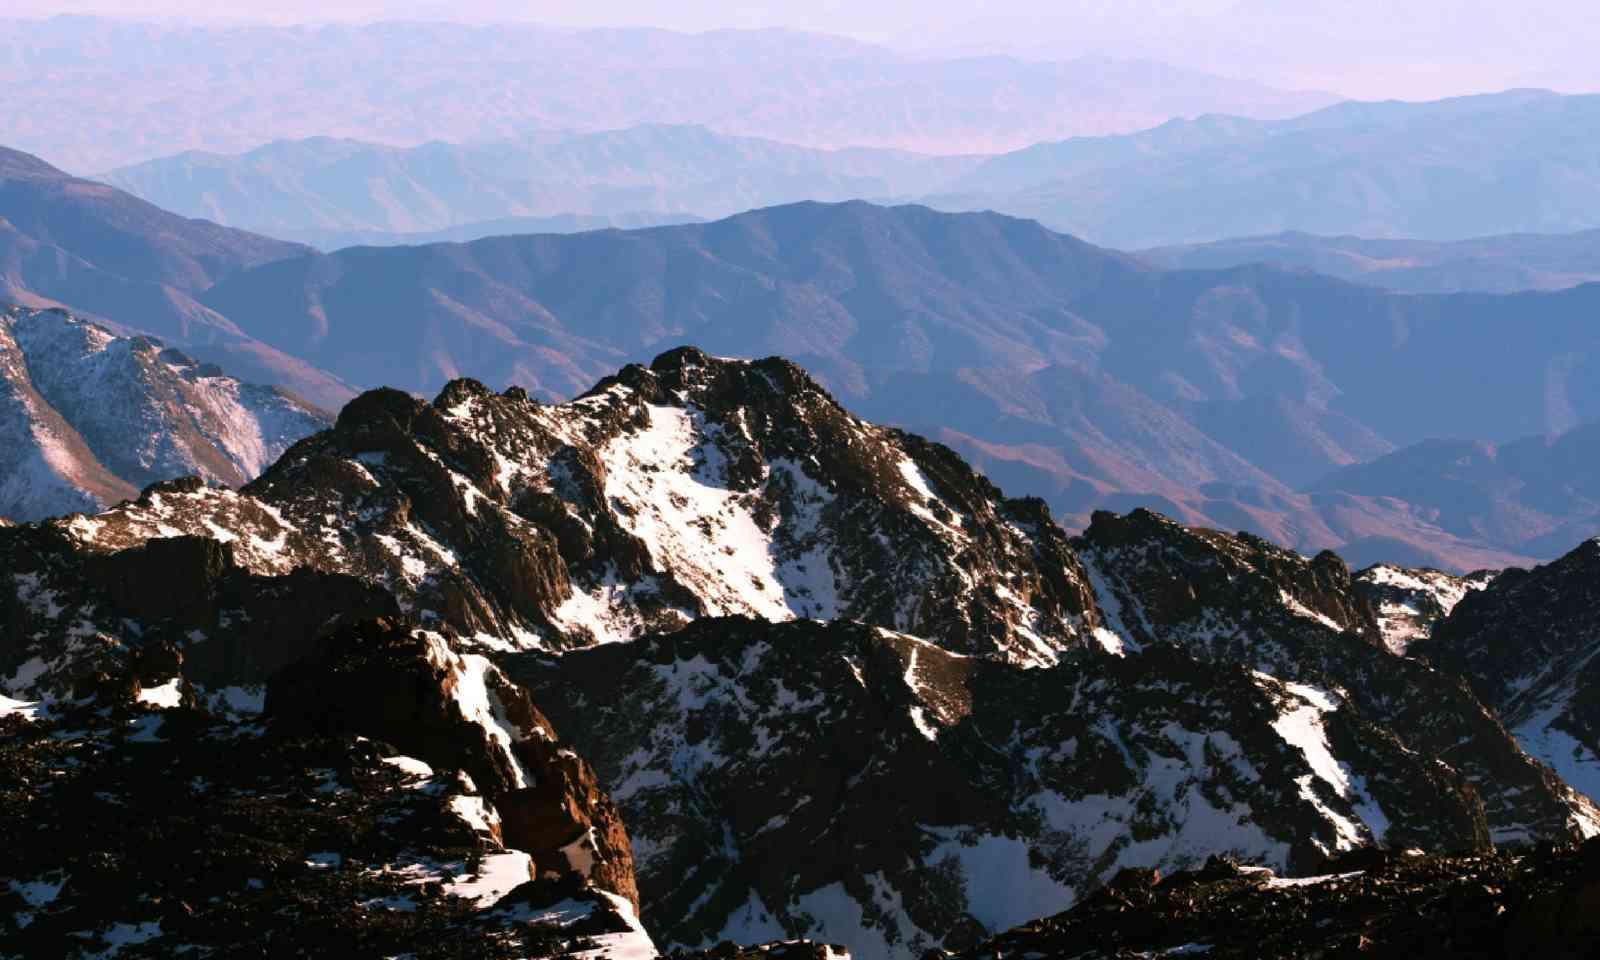 High Atlas mountains, Morocco (Shutterstock)